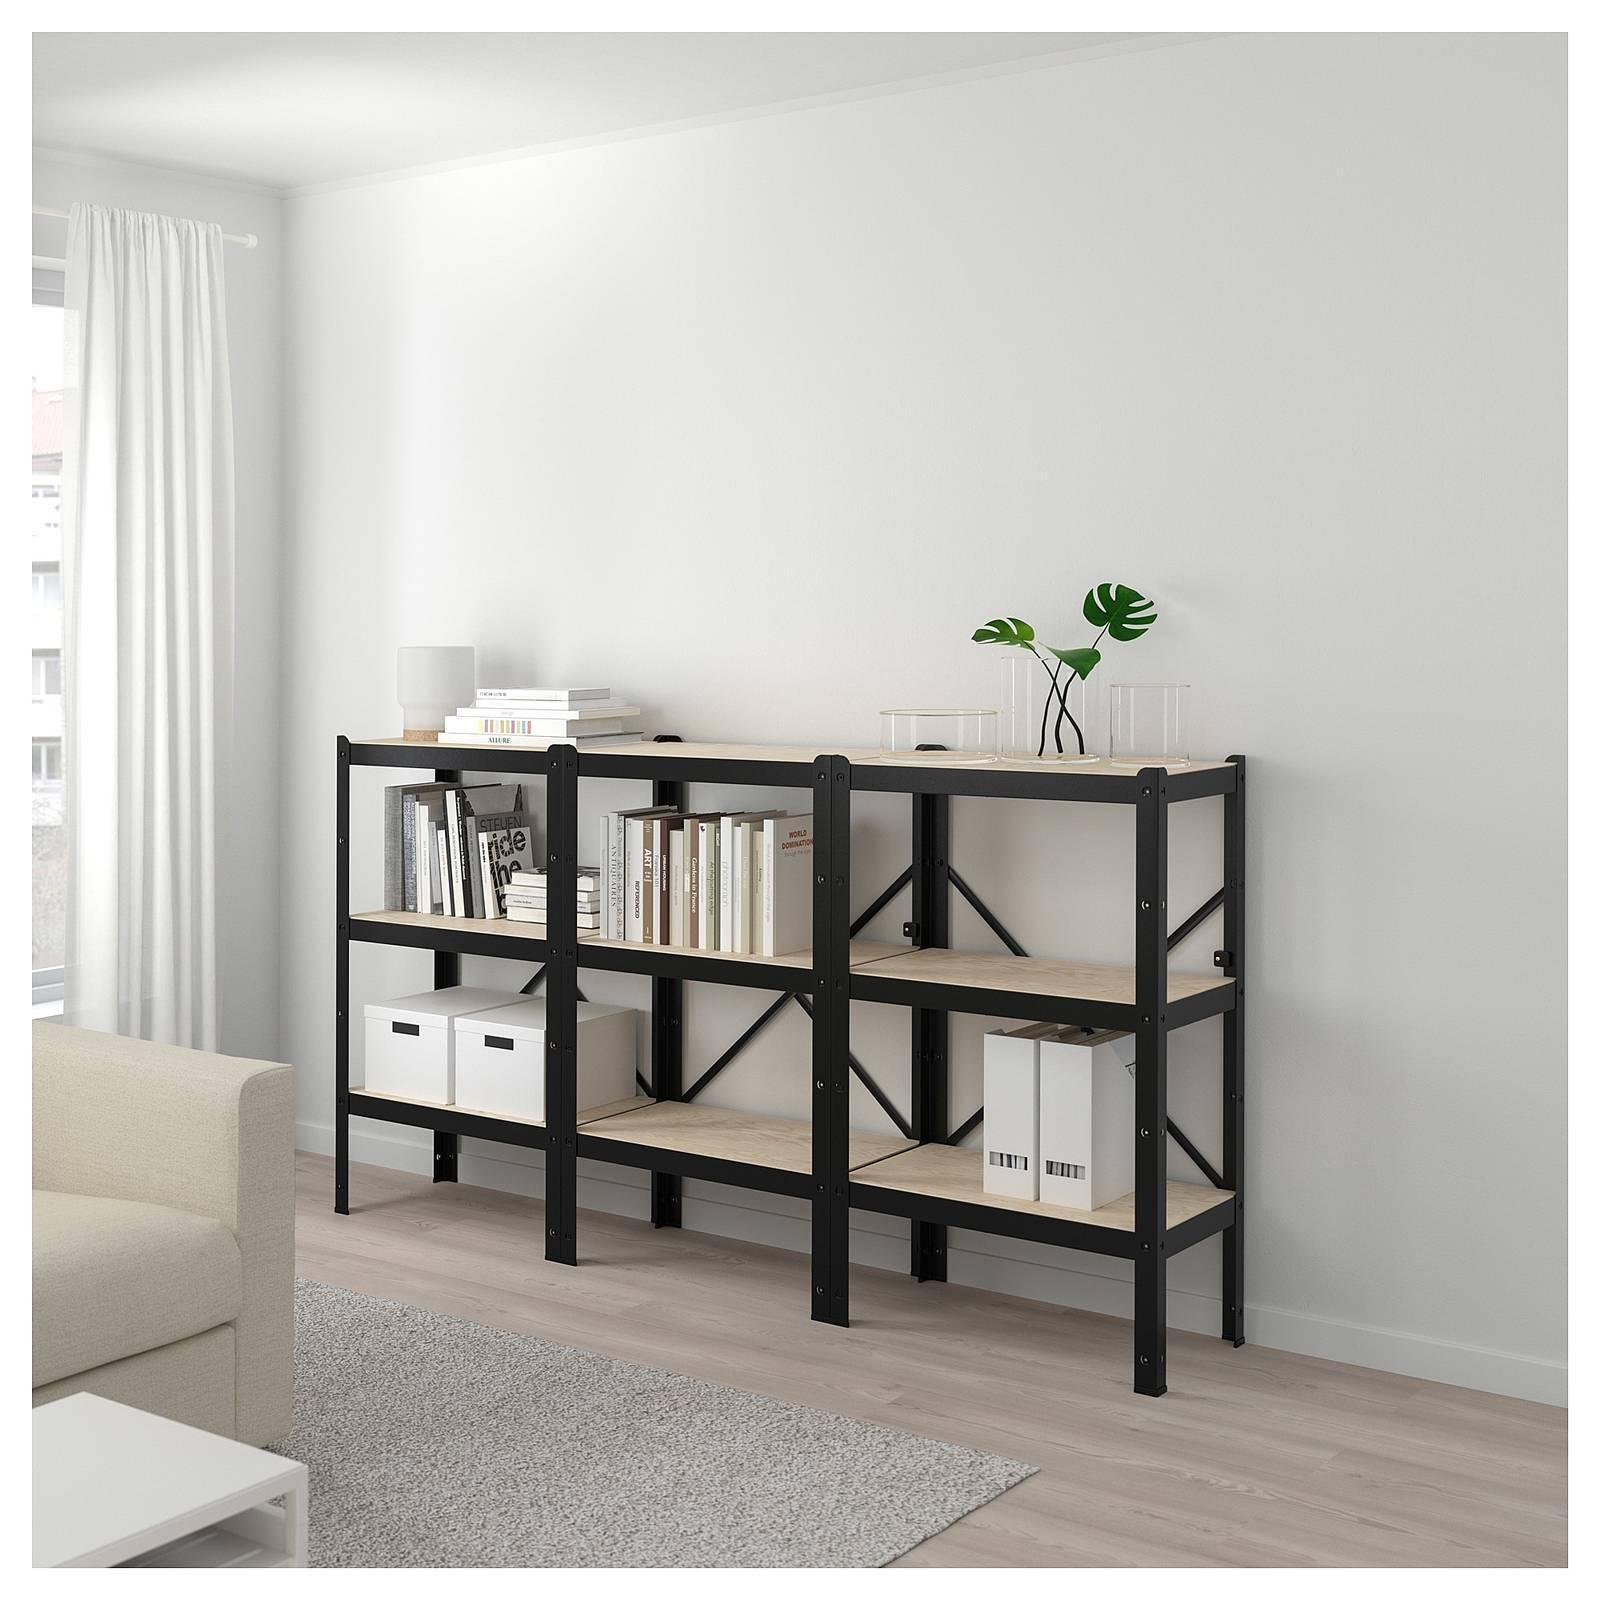 Libreria A Muro Moderna Ikea libreria piccola: a parete o anche da mettere al centro